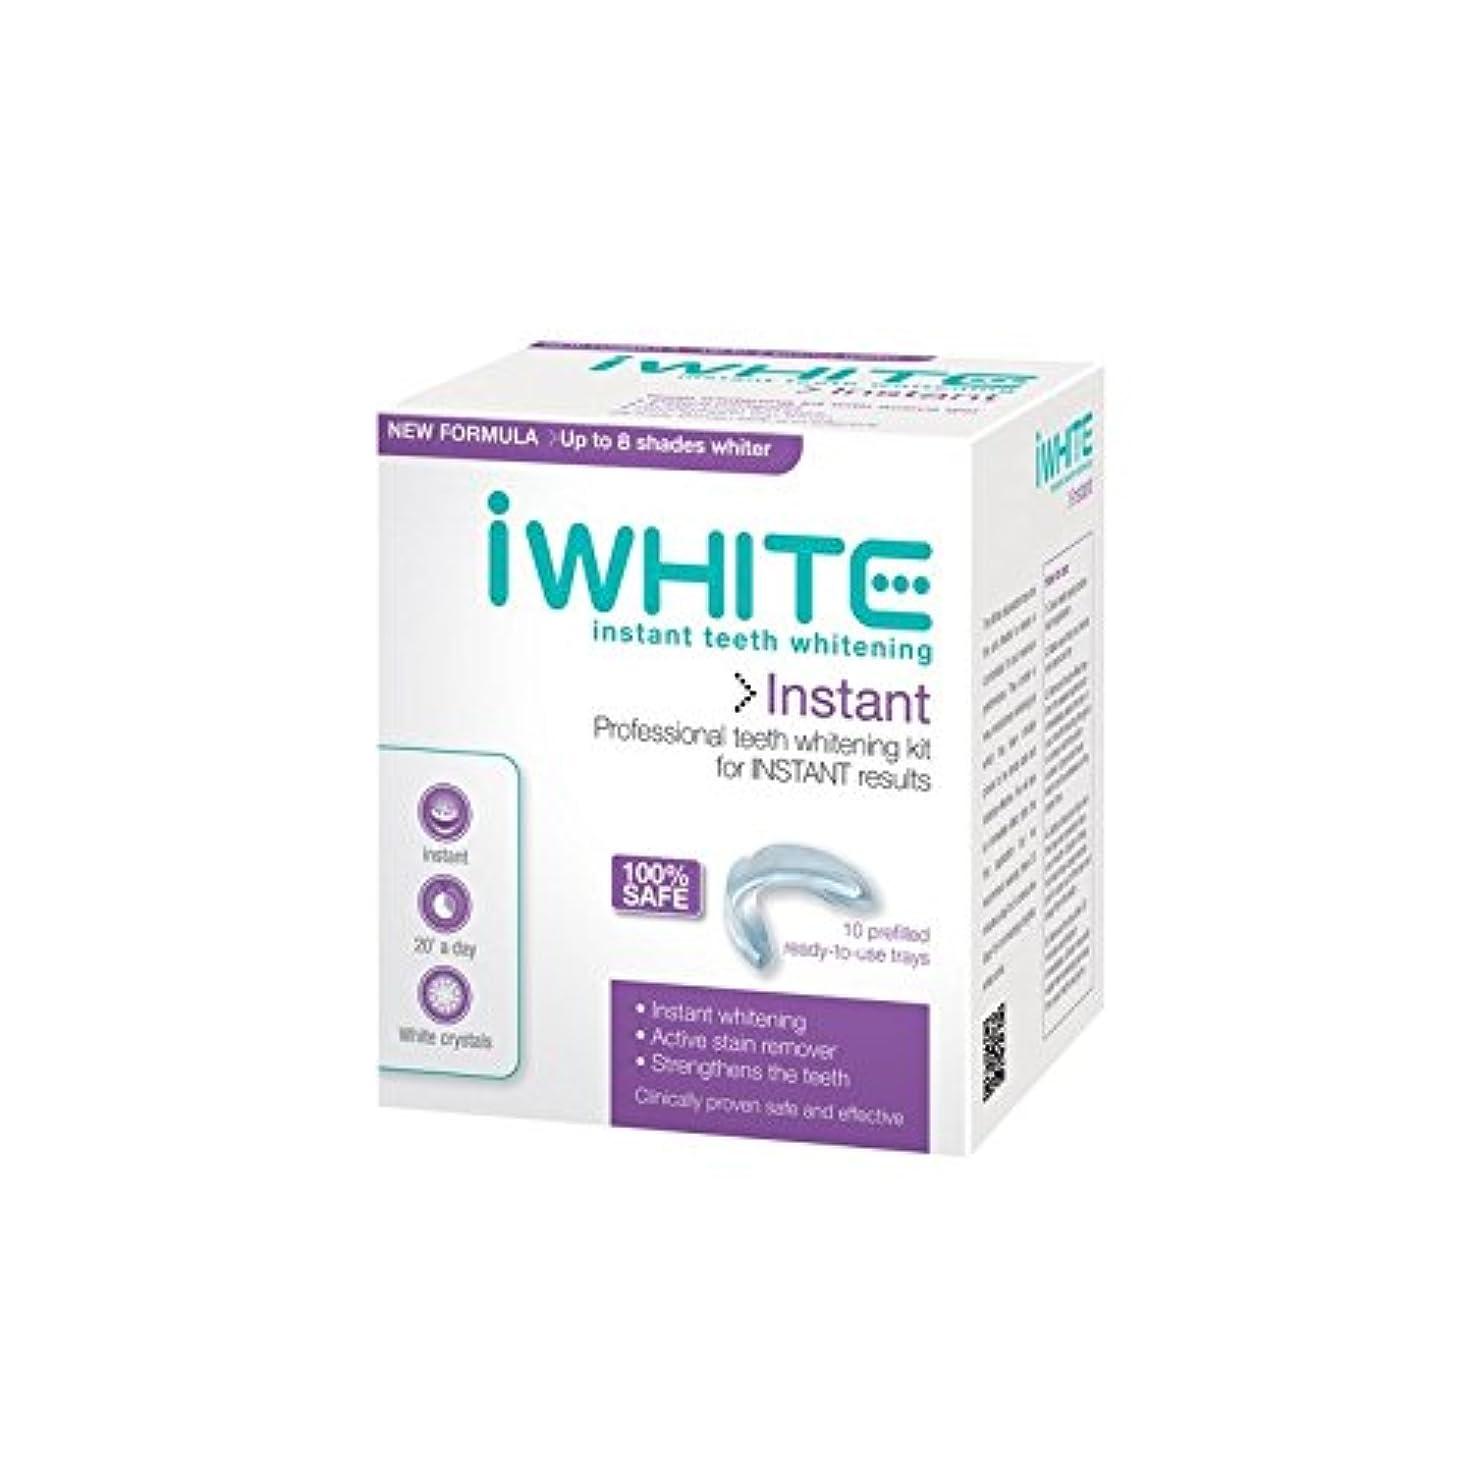 バスタブパスタ一見キットを白くするインスタントプロの歯(10個のトレー) x4 - iWhite Instant Professional Teeth Whitening Kit (10 Trays) (Pack of 4) [並行輸入品]